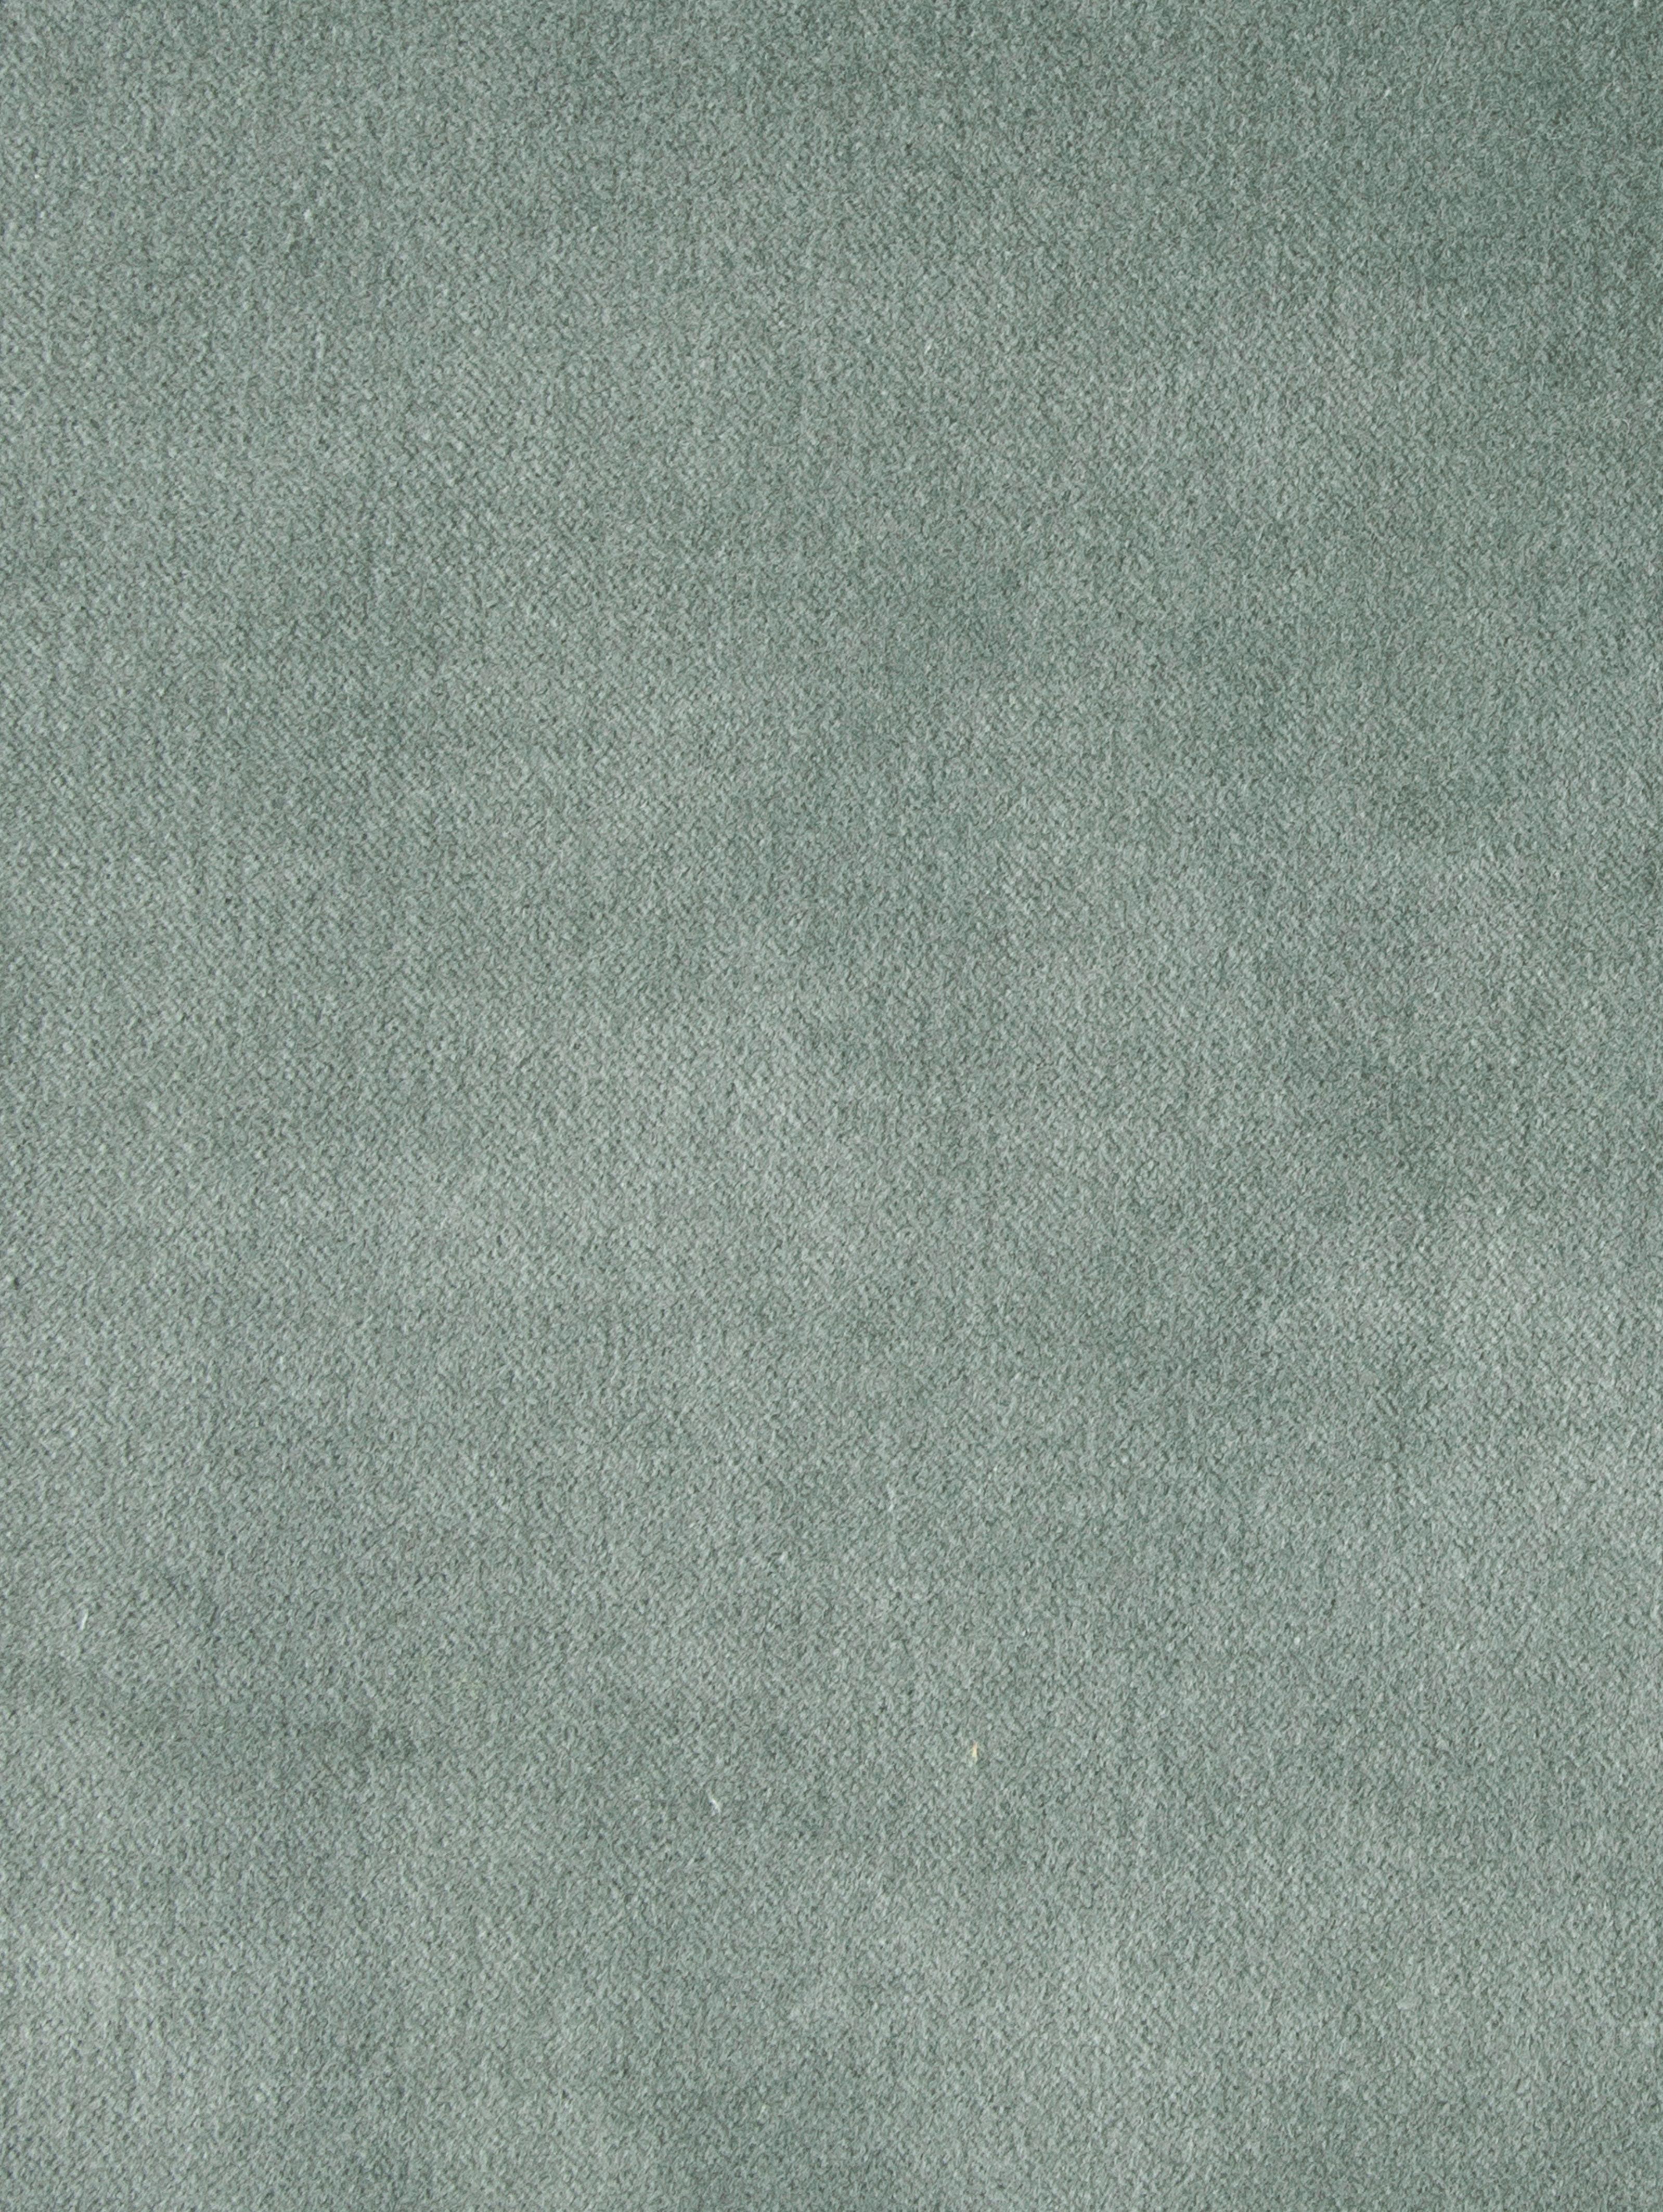 Samt-Kissenhülle Phoeby in Salbeigrün mit Fransen, 100% Baumwolle, Salbeigrün, 40 x 40 cm